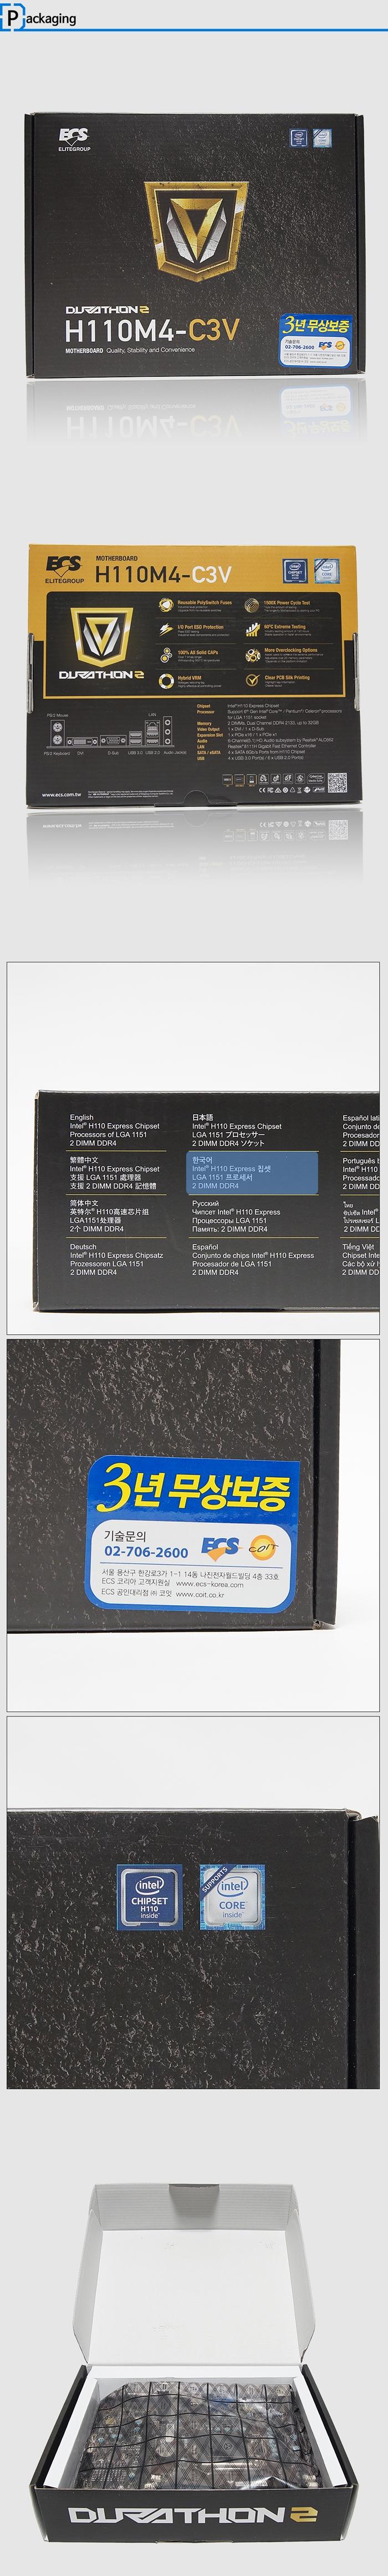 패키지 DURATHON2 H110M4-C3V C3D.jpg